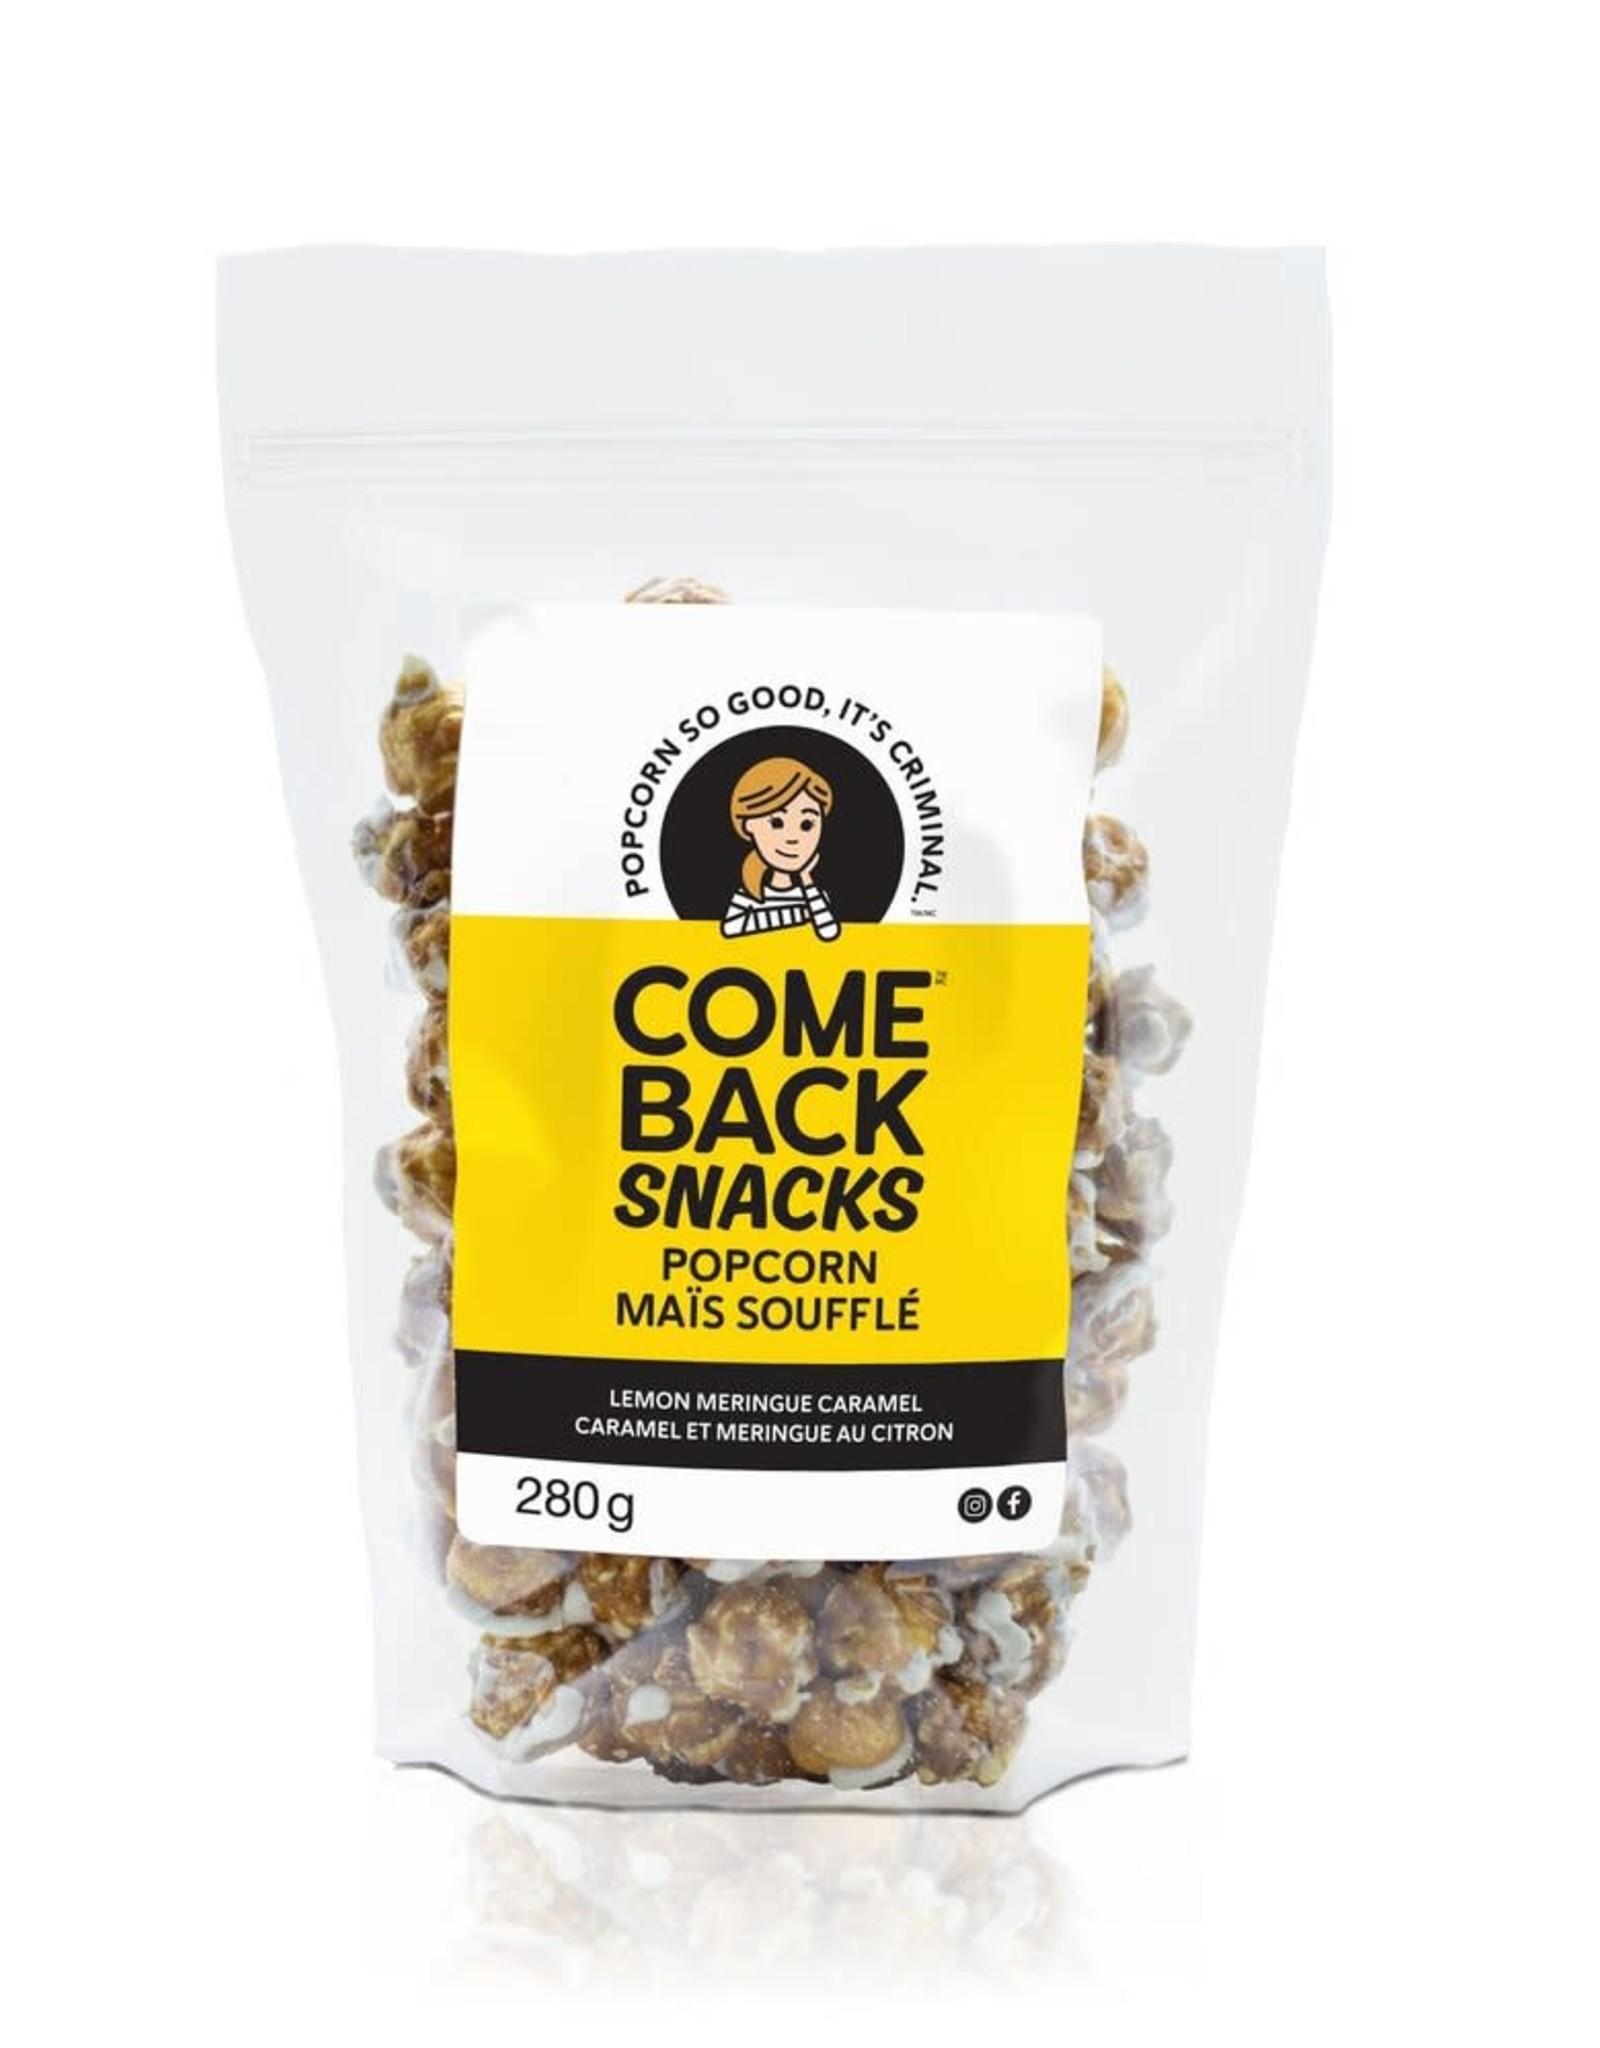 Comeback Snacks Lemon Meringue Caramel Popcorn